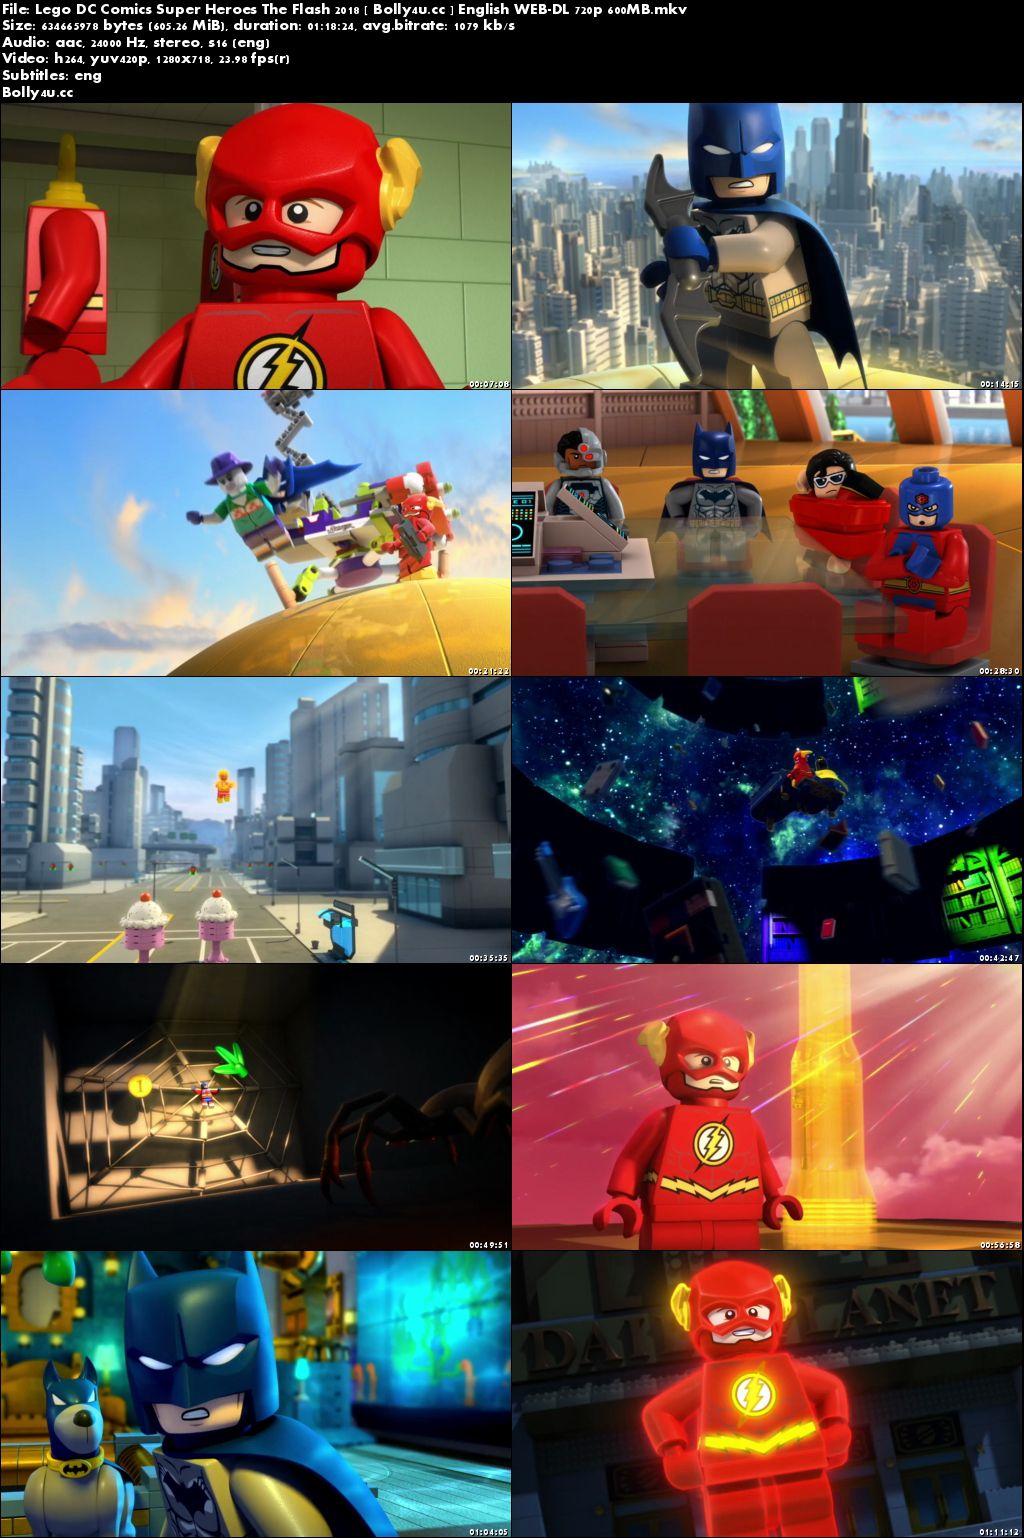 Lego DC Comics Super Heroes The Flash 2018 WEB-DL 250MB English 480p Download